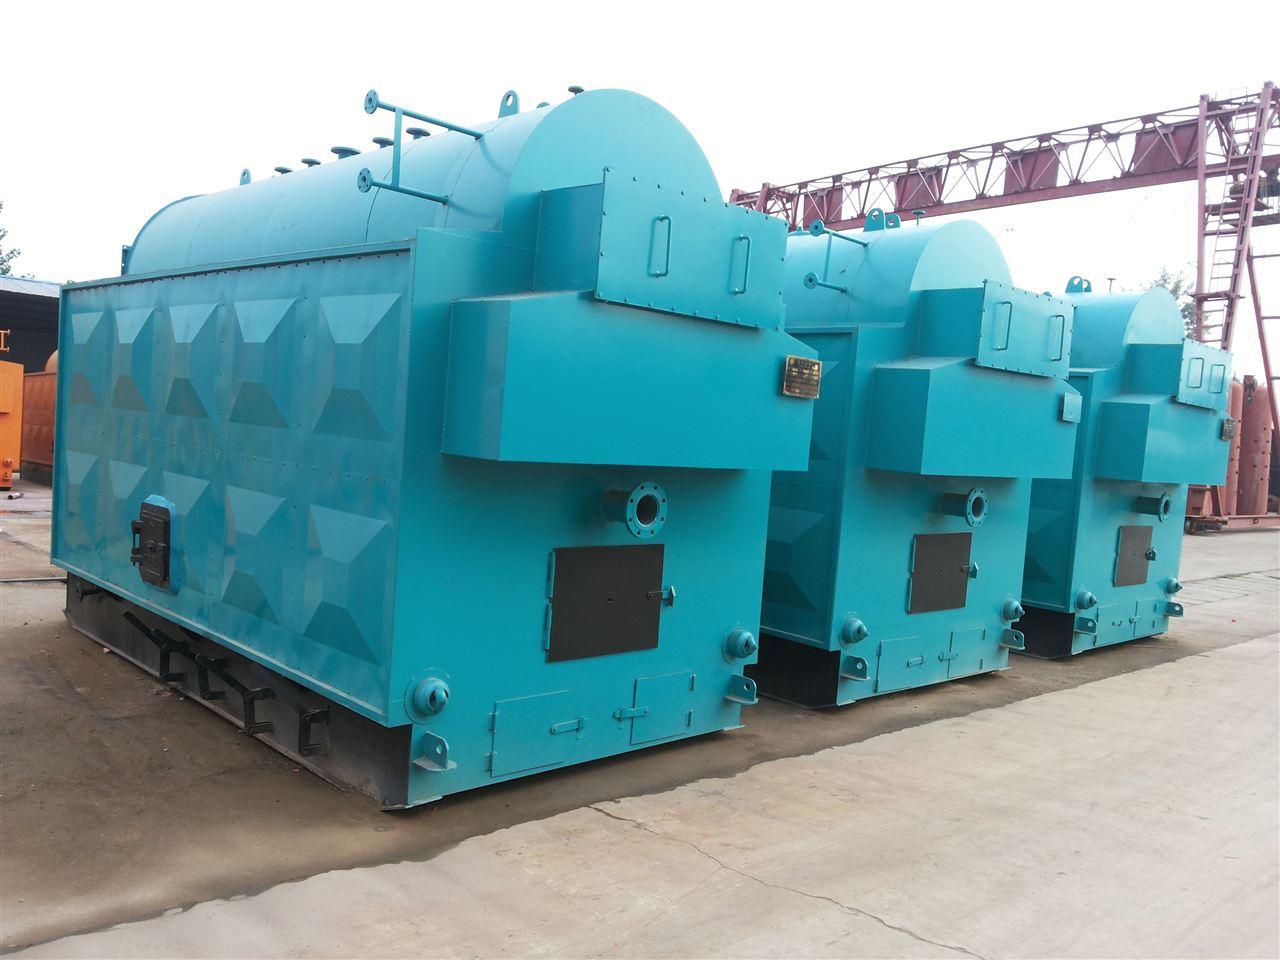 dzh2 1.25 t 新型环保燃料锅炉 dzh2吨卧式手烧生物质蒸汽锅炉